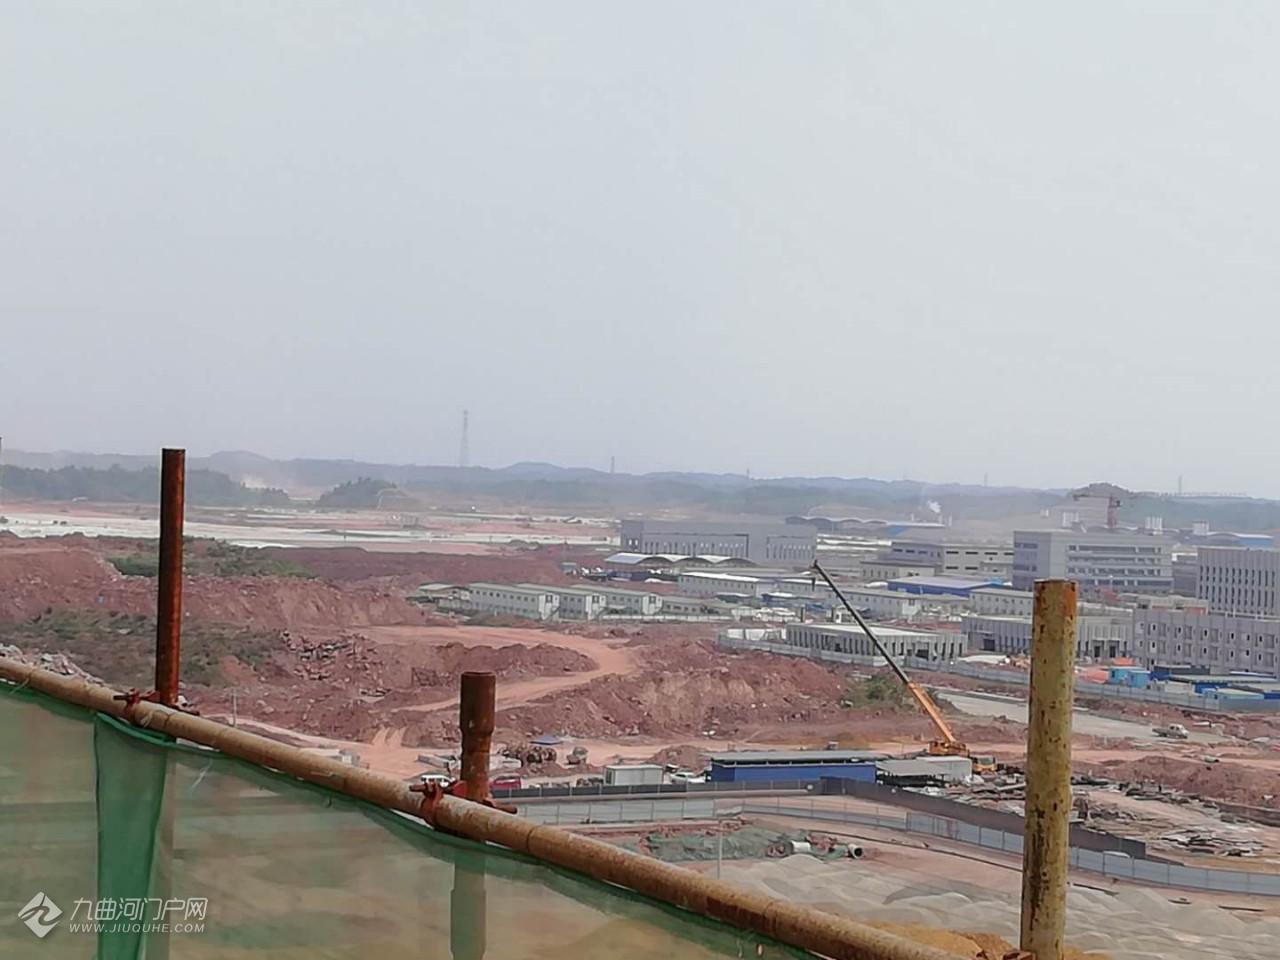 又更新啦!给资阳的河友们带来天府国际机场的最新现场照,一起看看吧